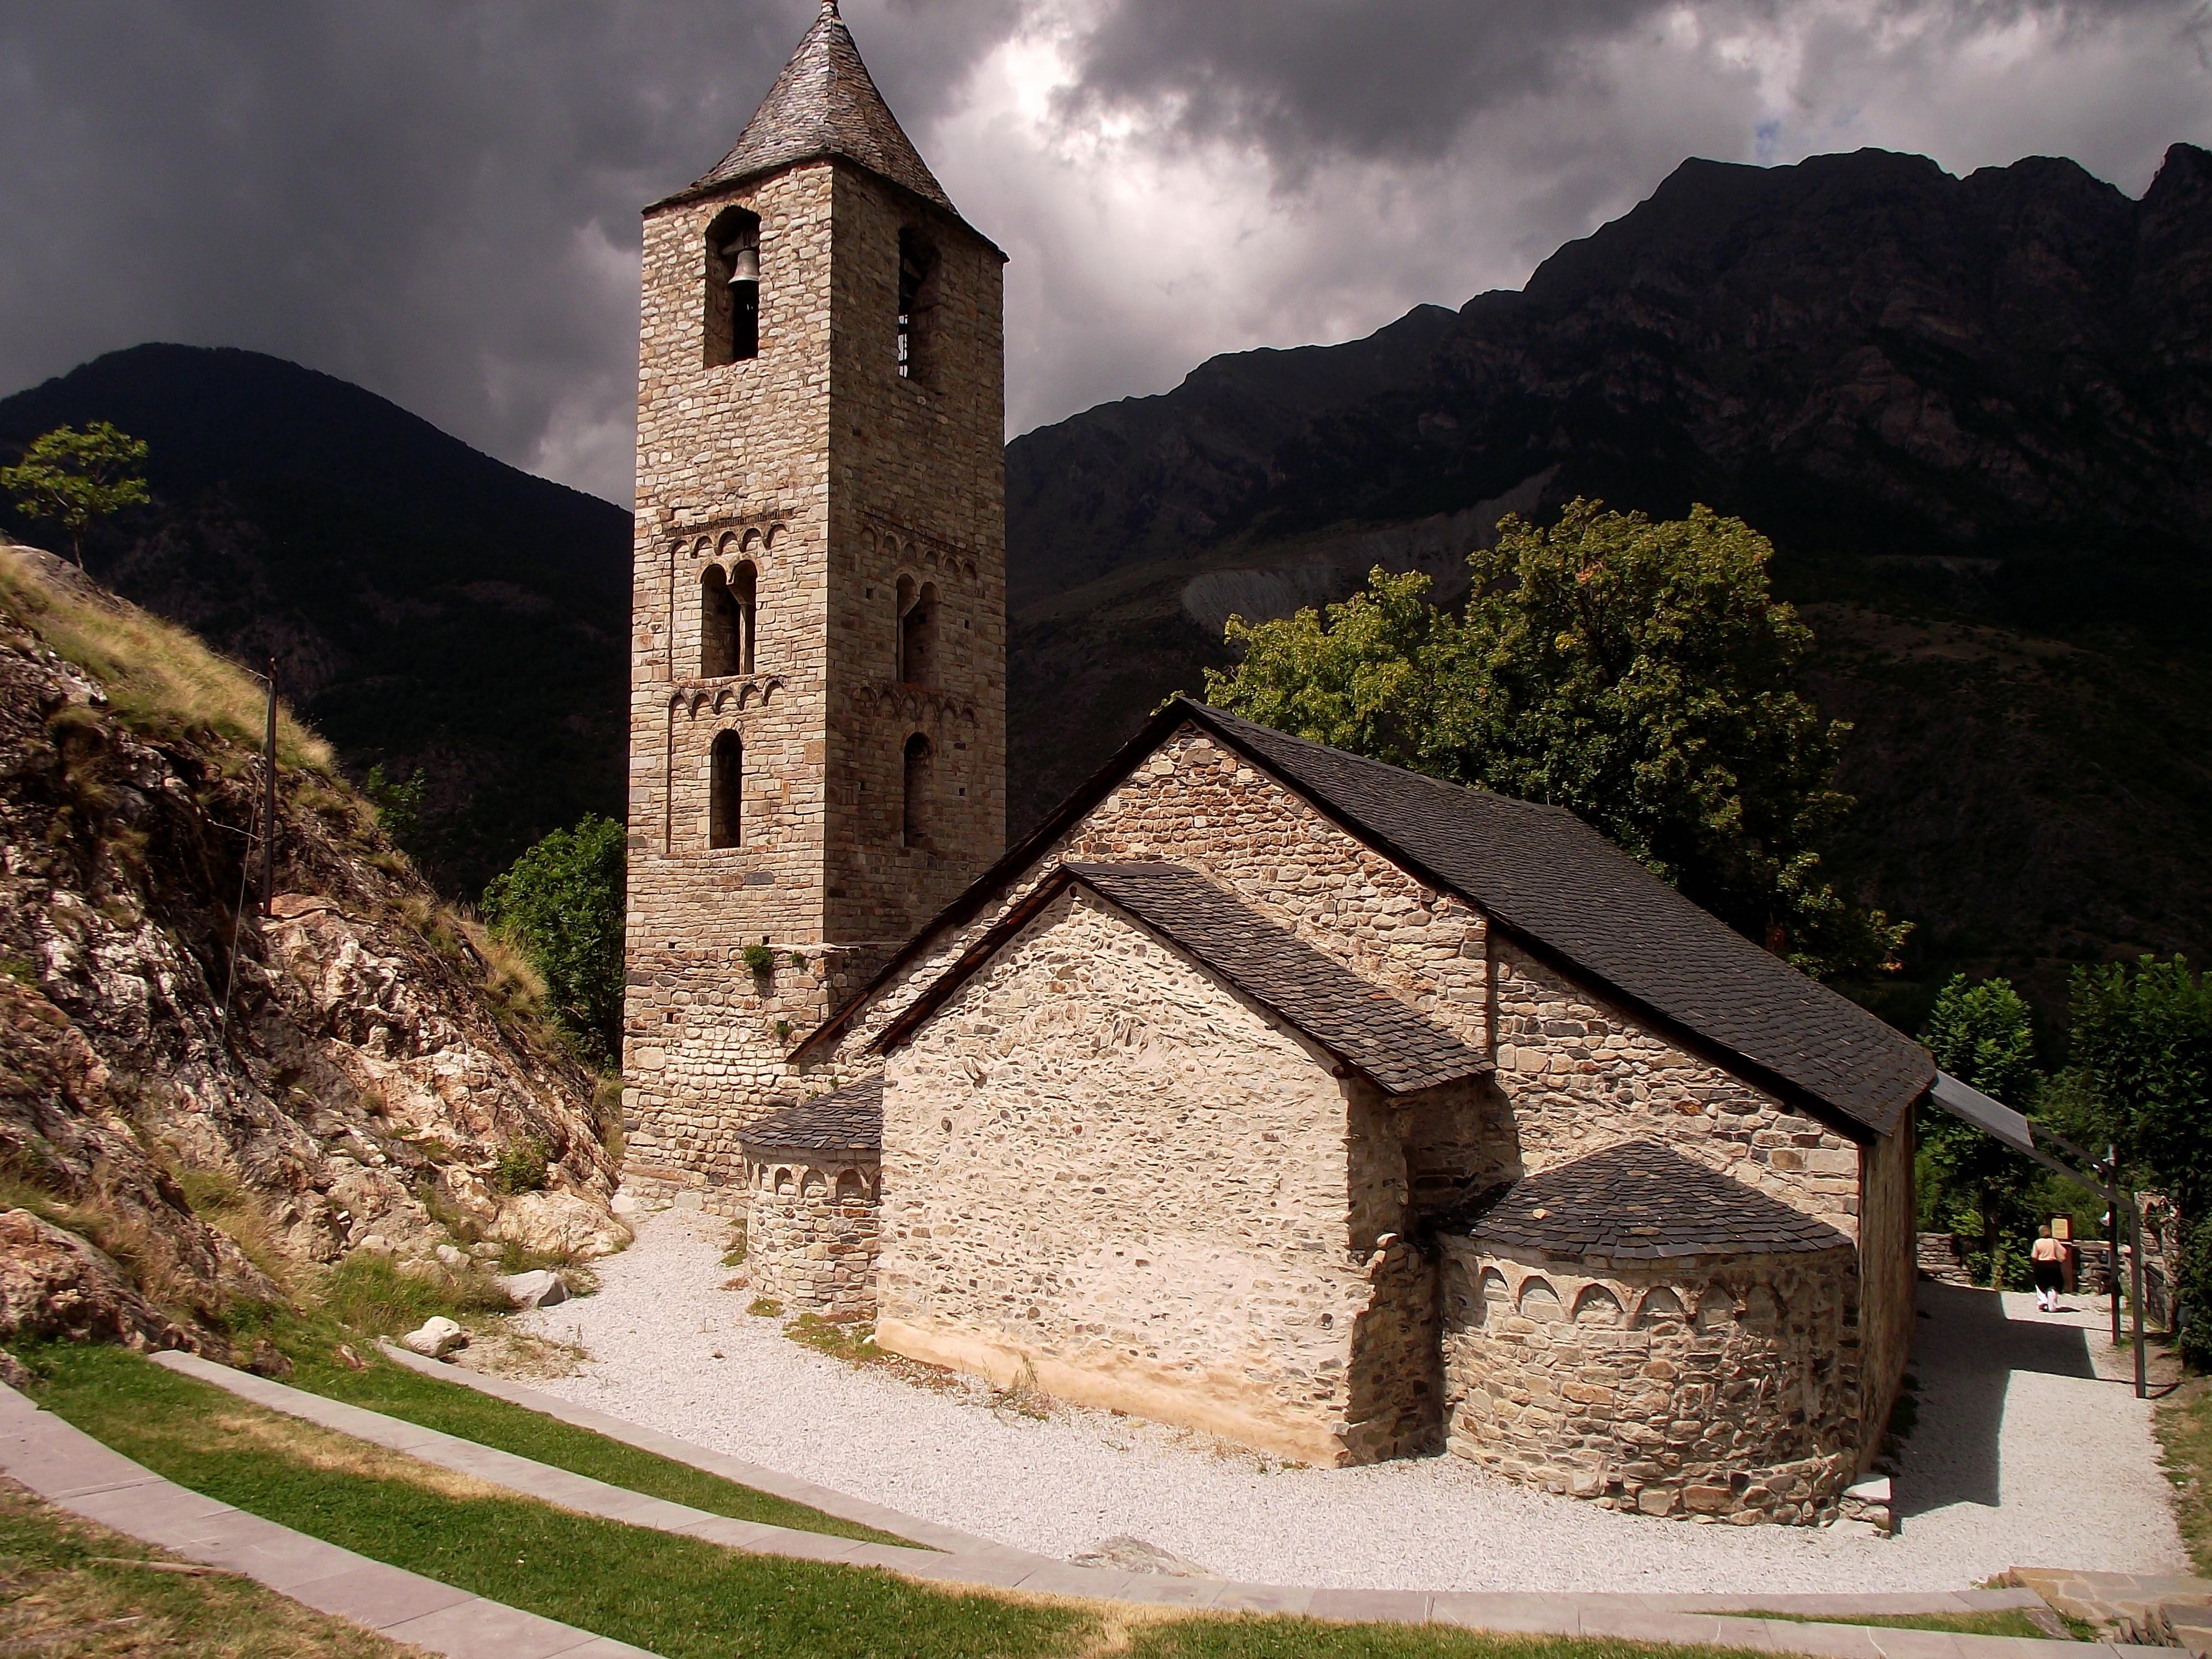 Sant Joan de Boí - Viquipèdia, l'enciclopèdia lliure